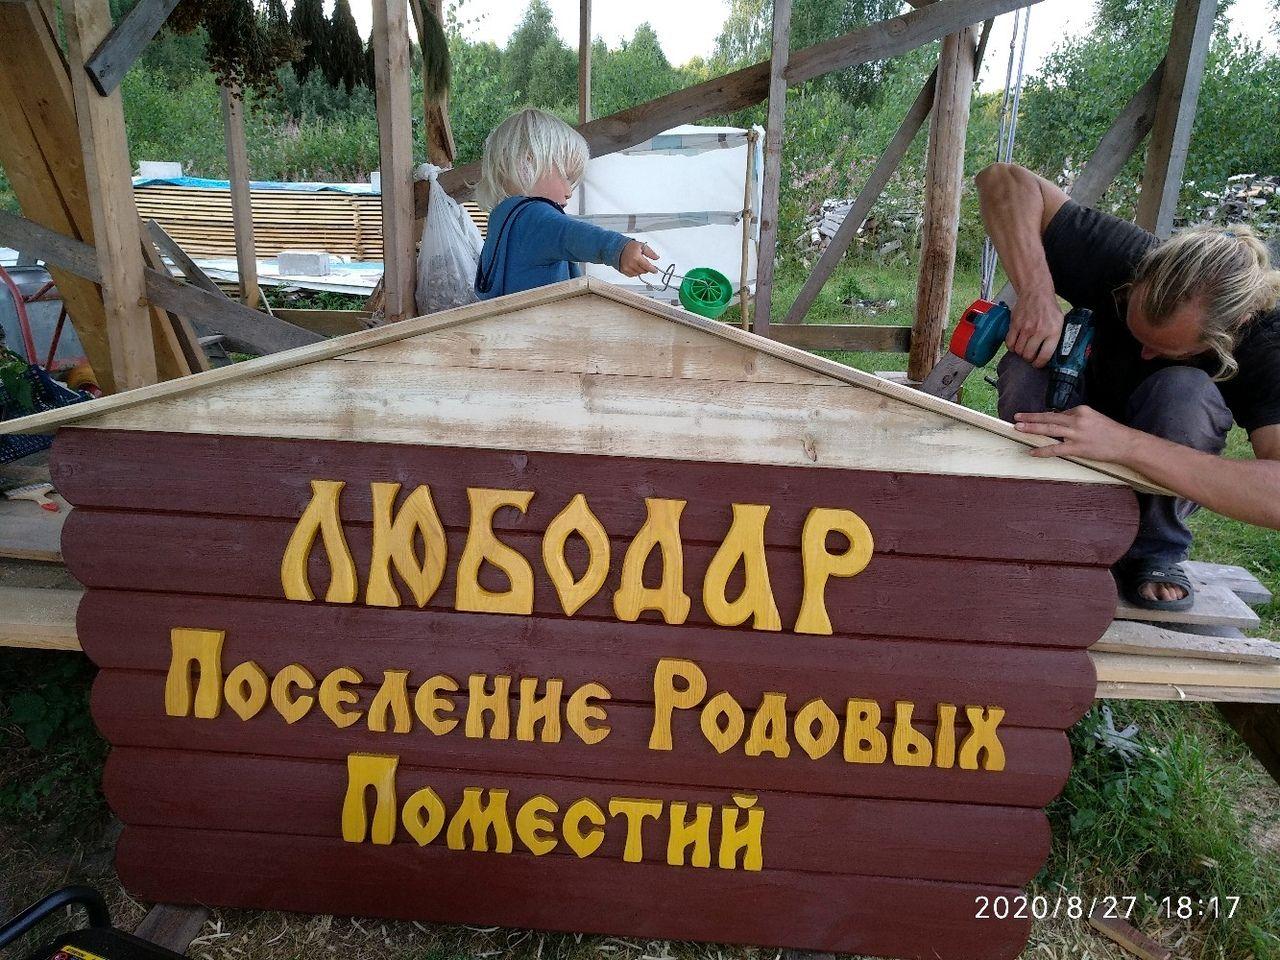 В поселении Любодар появился красивый стенд-указатель (3).jpg